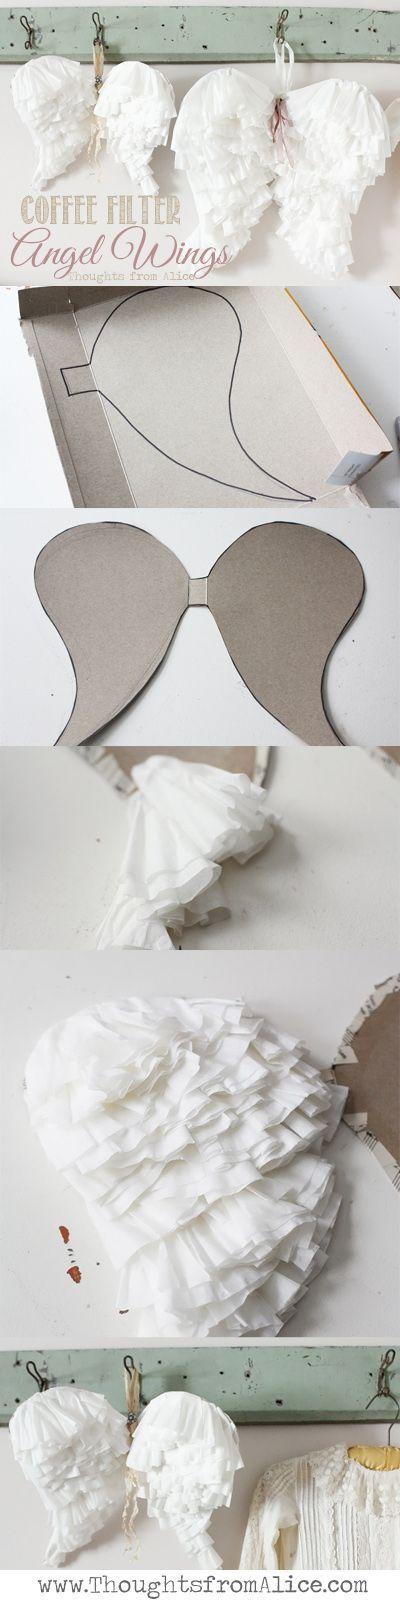 Este es un tutorial para hacer de una forma fácil unas alas de ángel, pueden servir para un disfraz, una función o como atrezzo para una se...